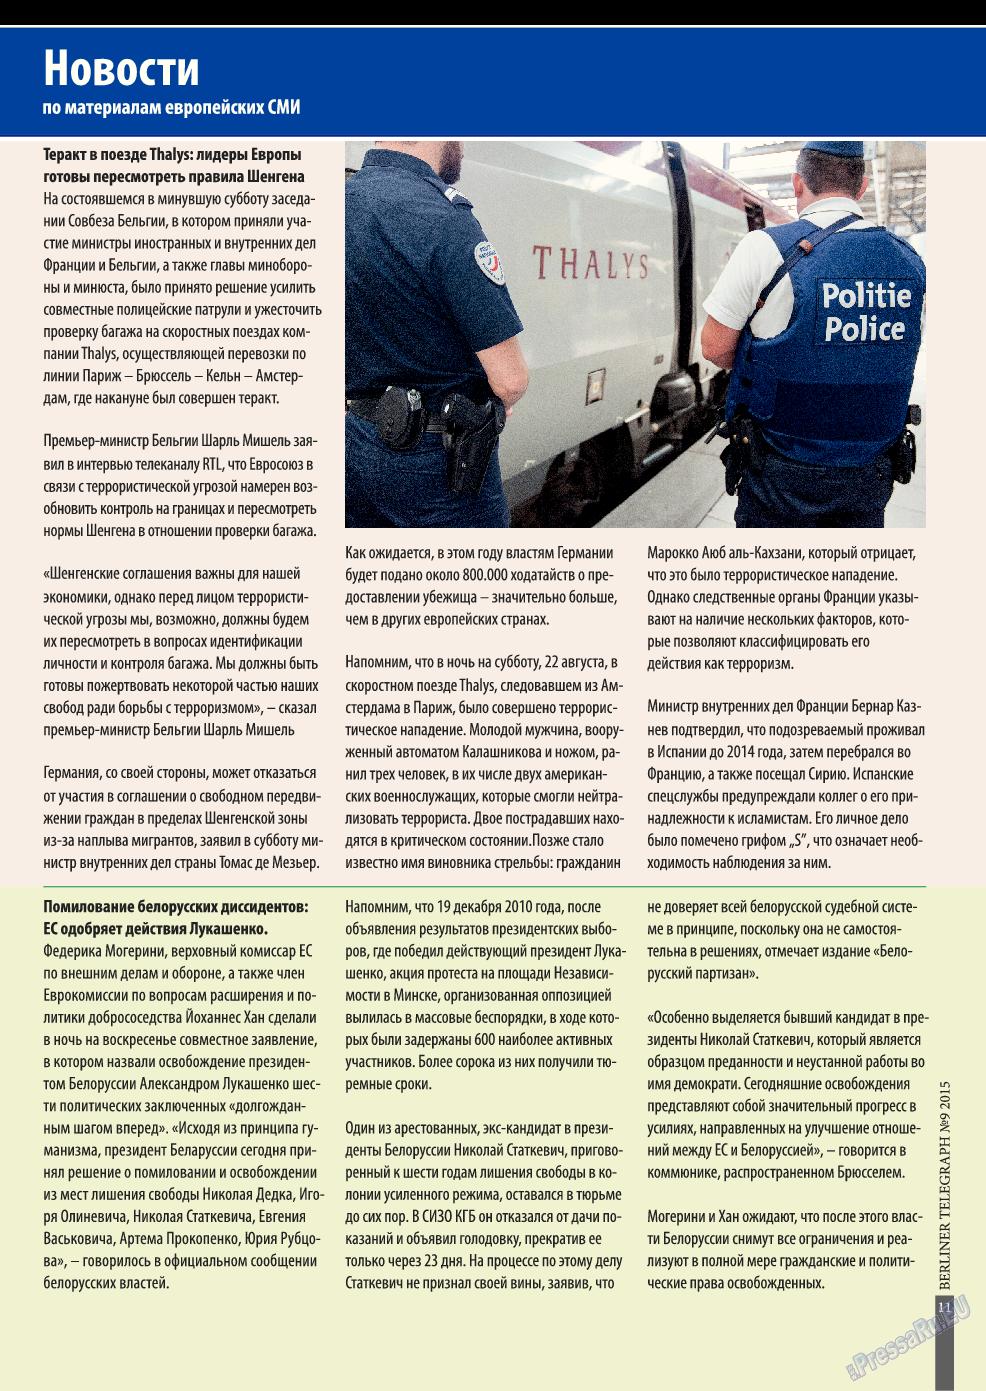 Берлинский телеграф (журнал). 2015 год, номер 9, стр. 11